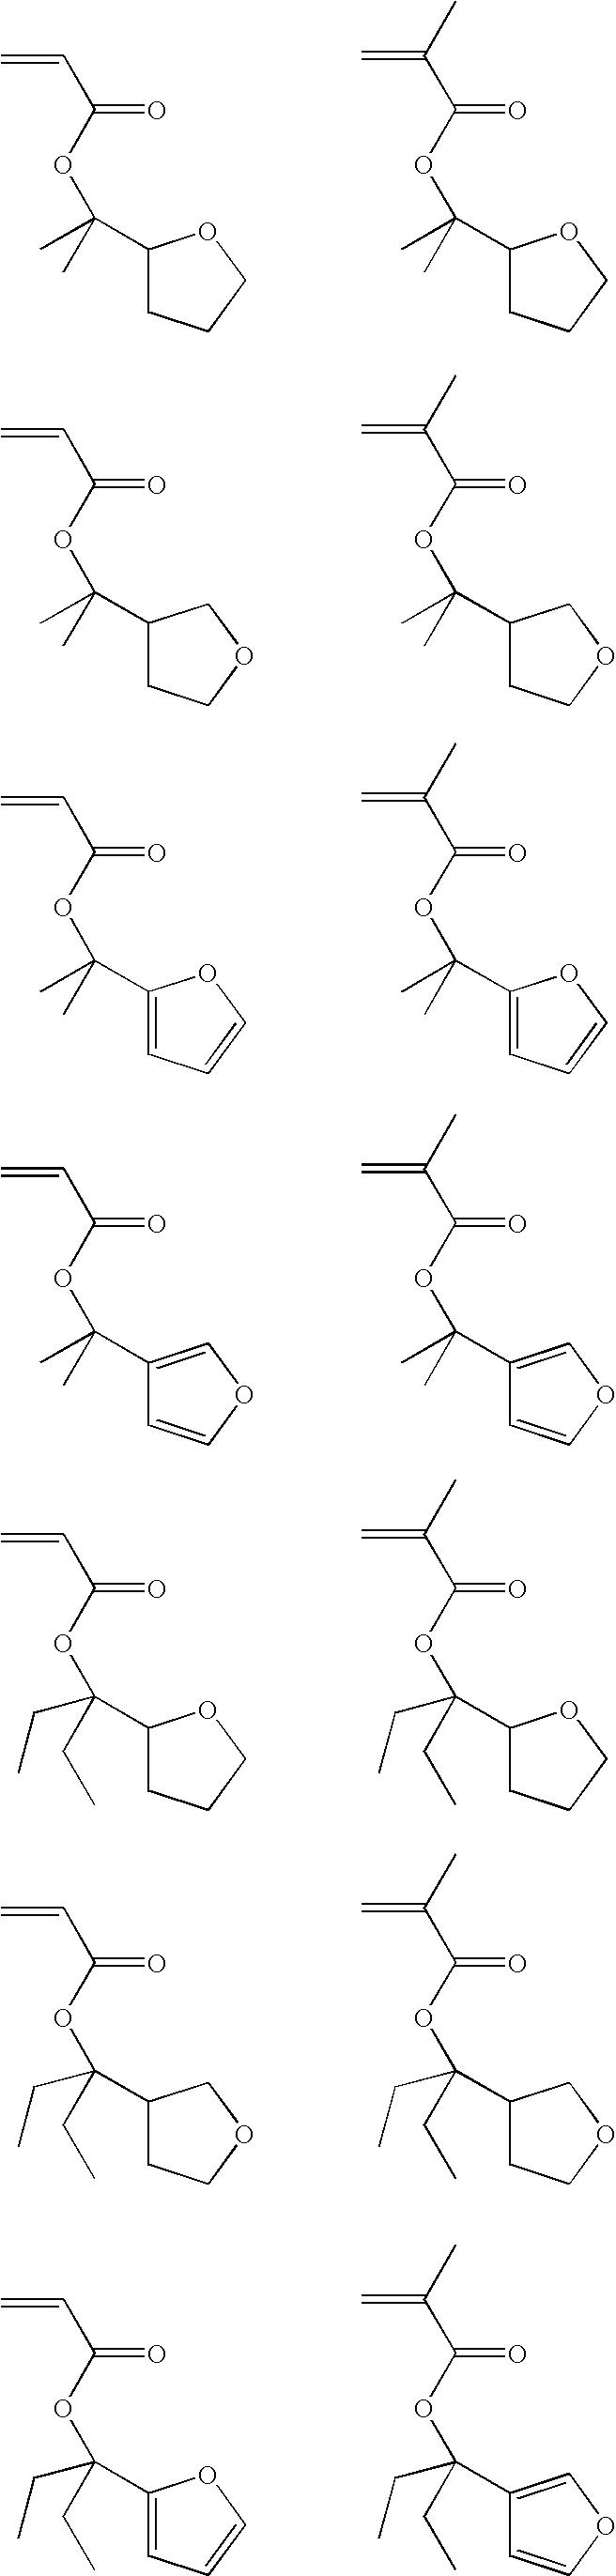 Figure US20080020289A1-20080124-C00028